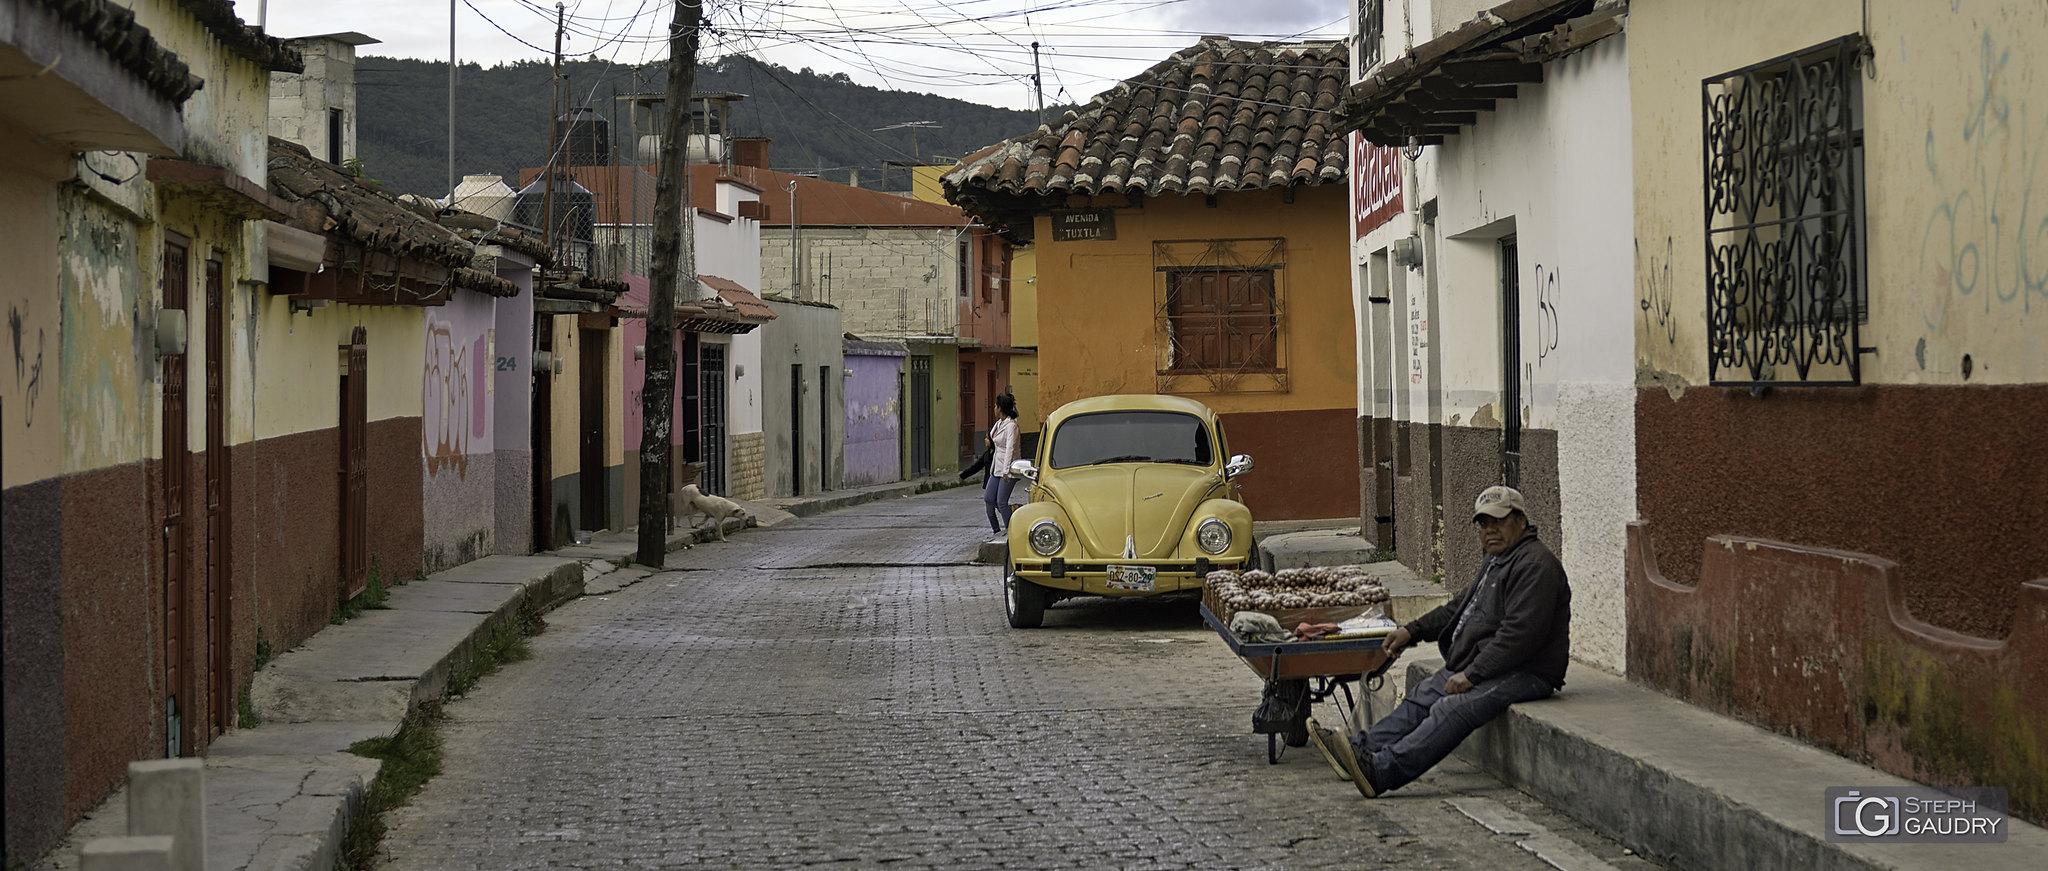 Coccinelle à San Cristobal de las Casas [Cliquez pour lancer le diaporama]